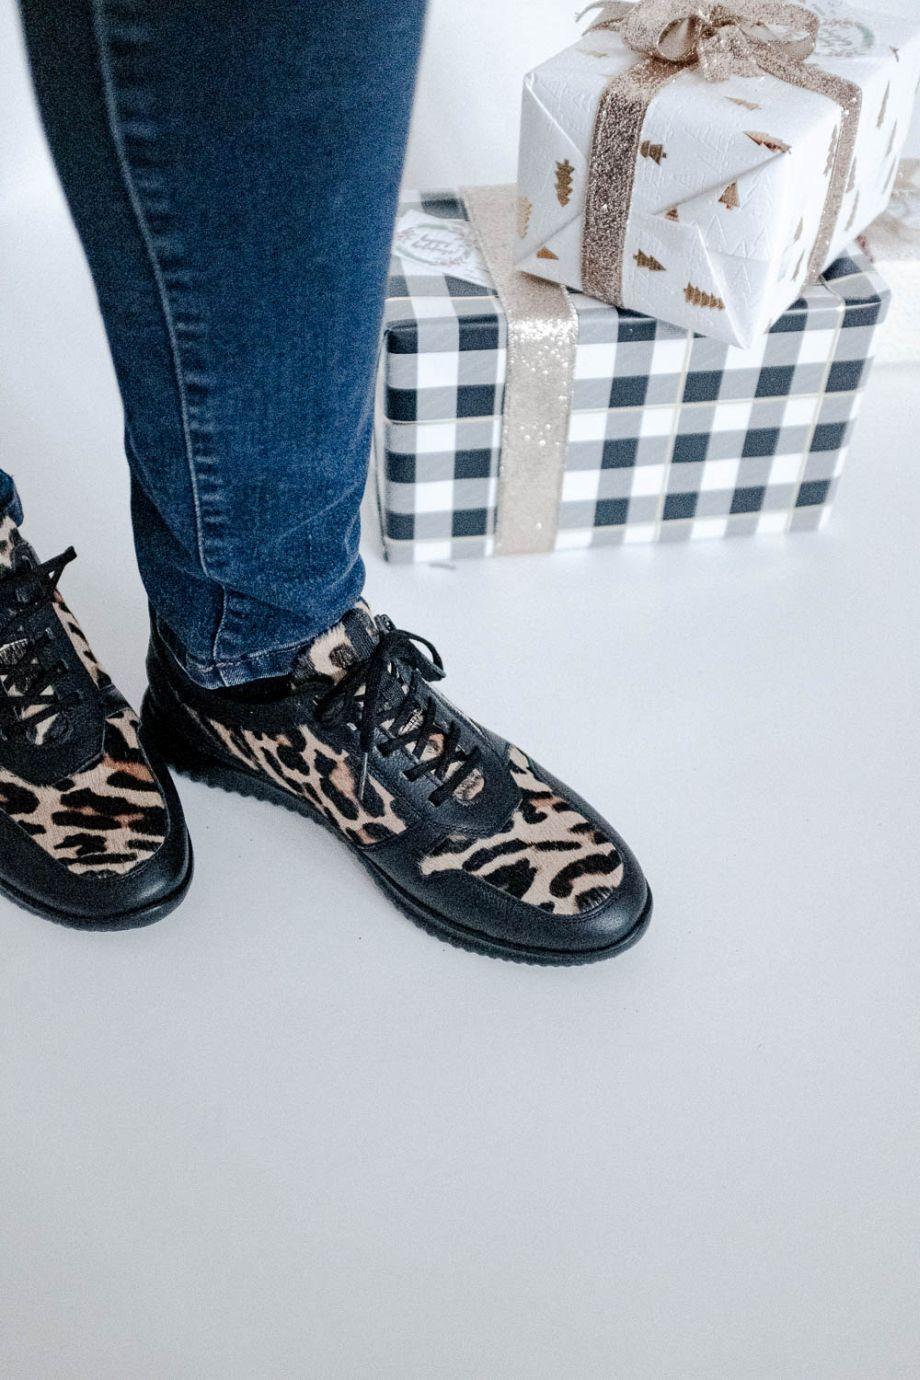 Hübsch gemacht! Ein Schuh und 2 festliche Looks... Hartjes Schuhe